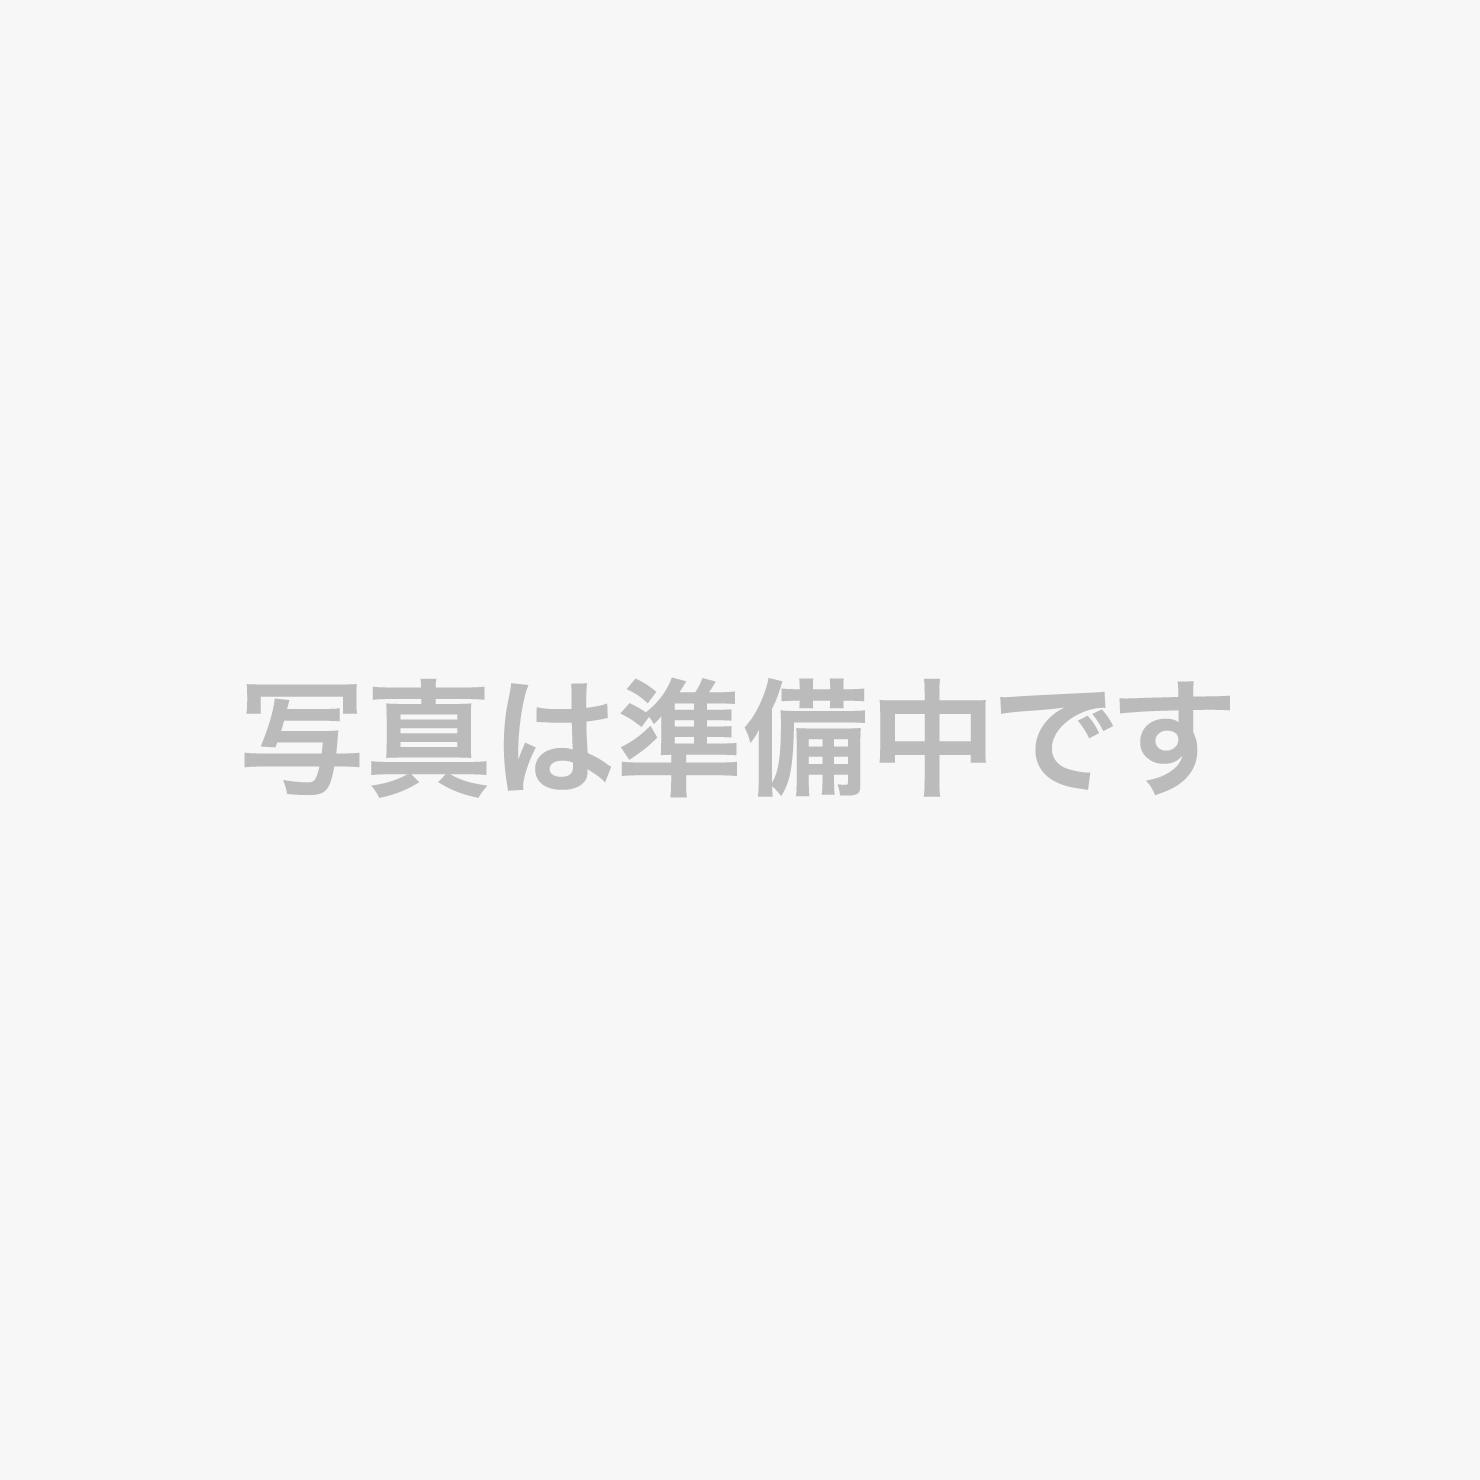 四季膳イメージ写真